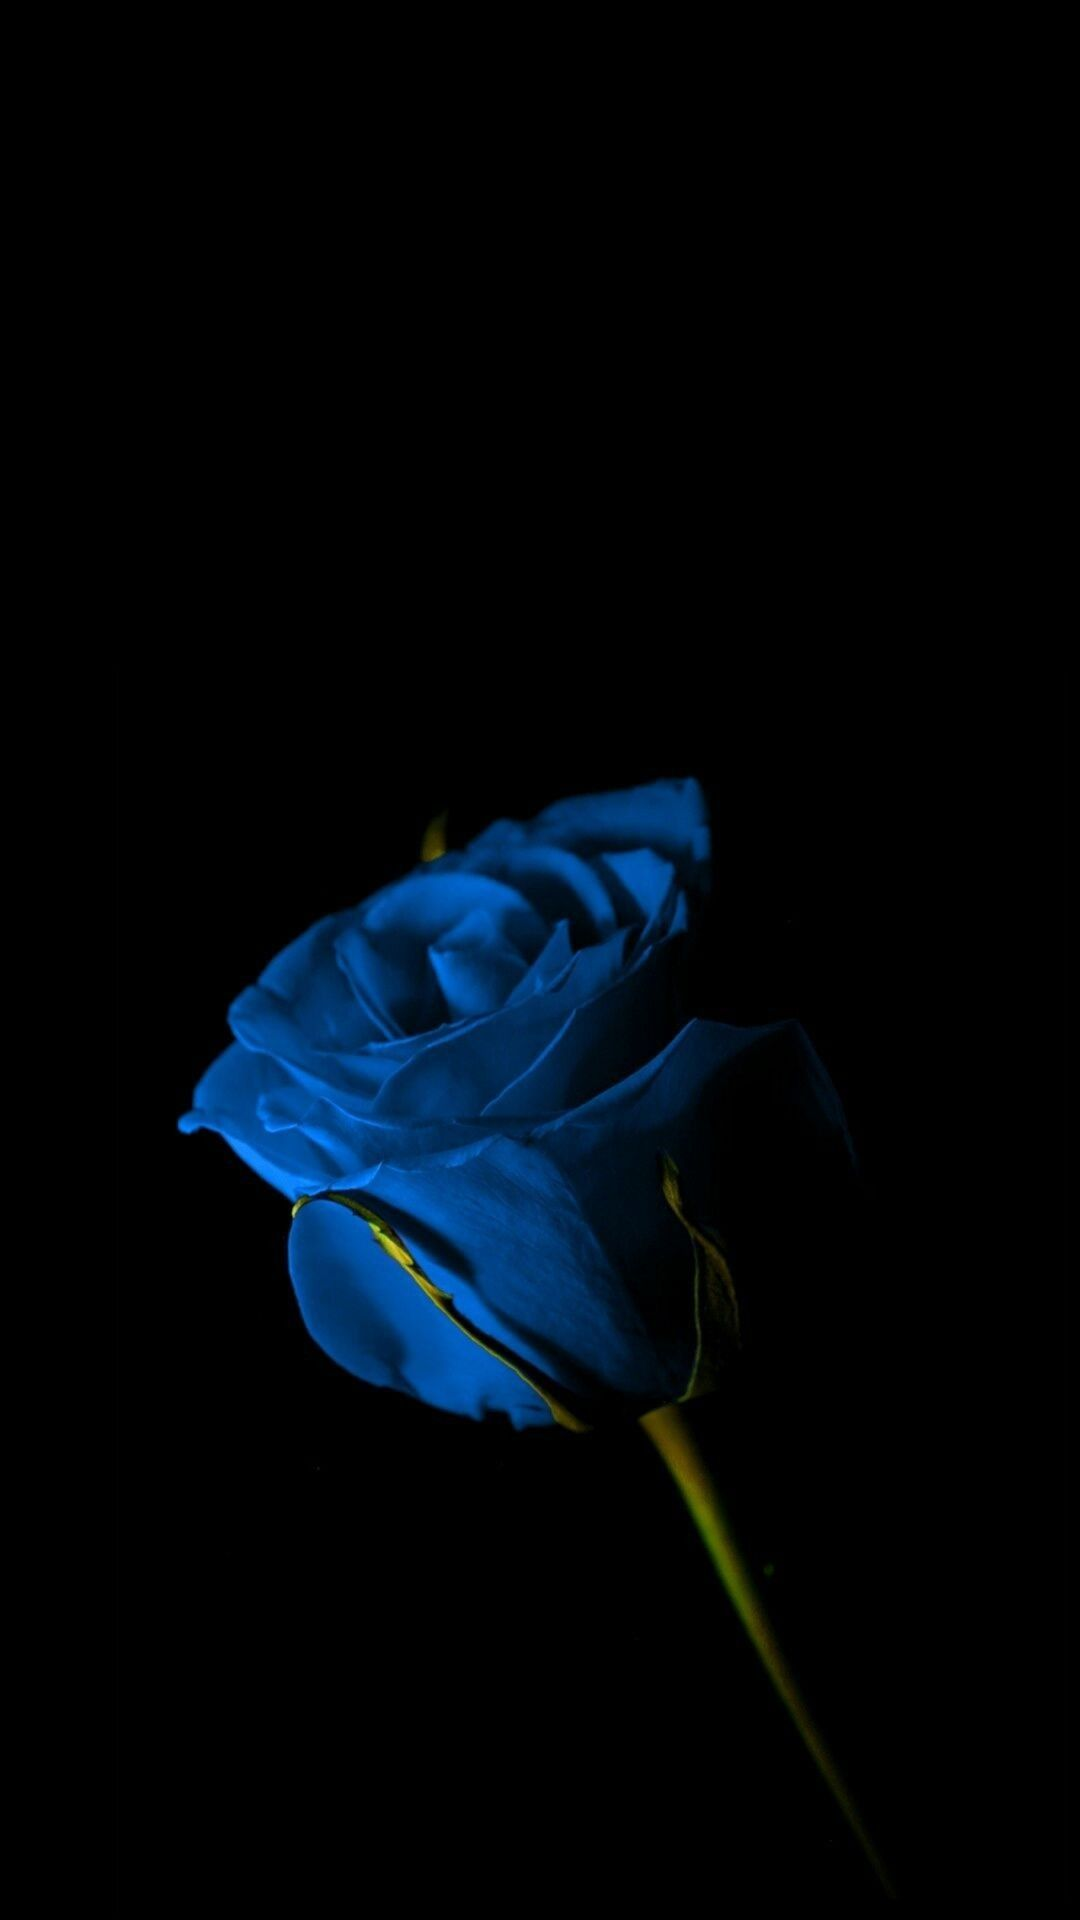 Blue Rose Blue Flower Wallpaper Blue Roses Wallpaper Rose Wallpaper